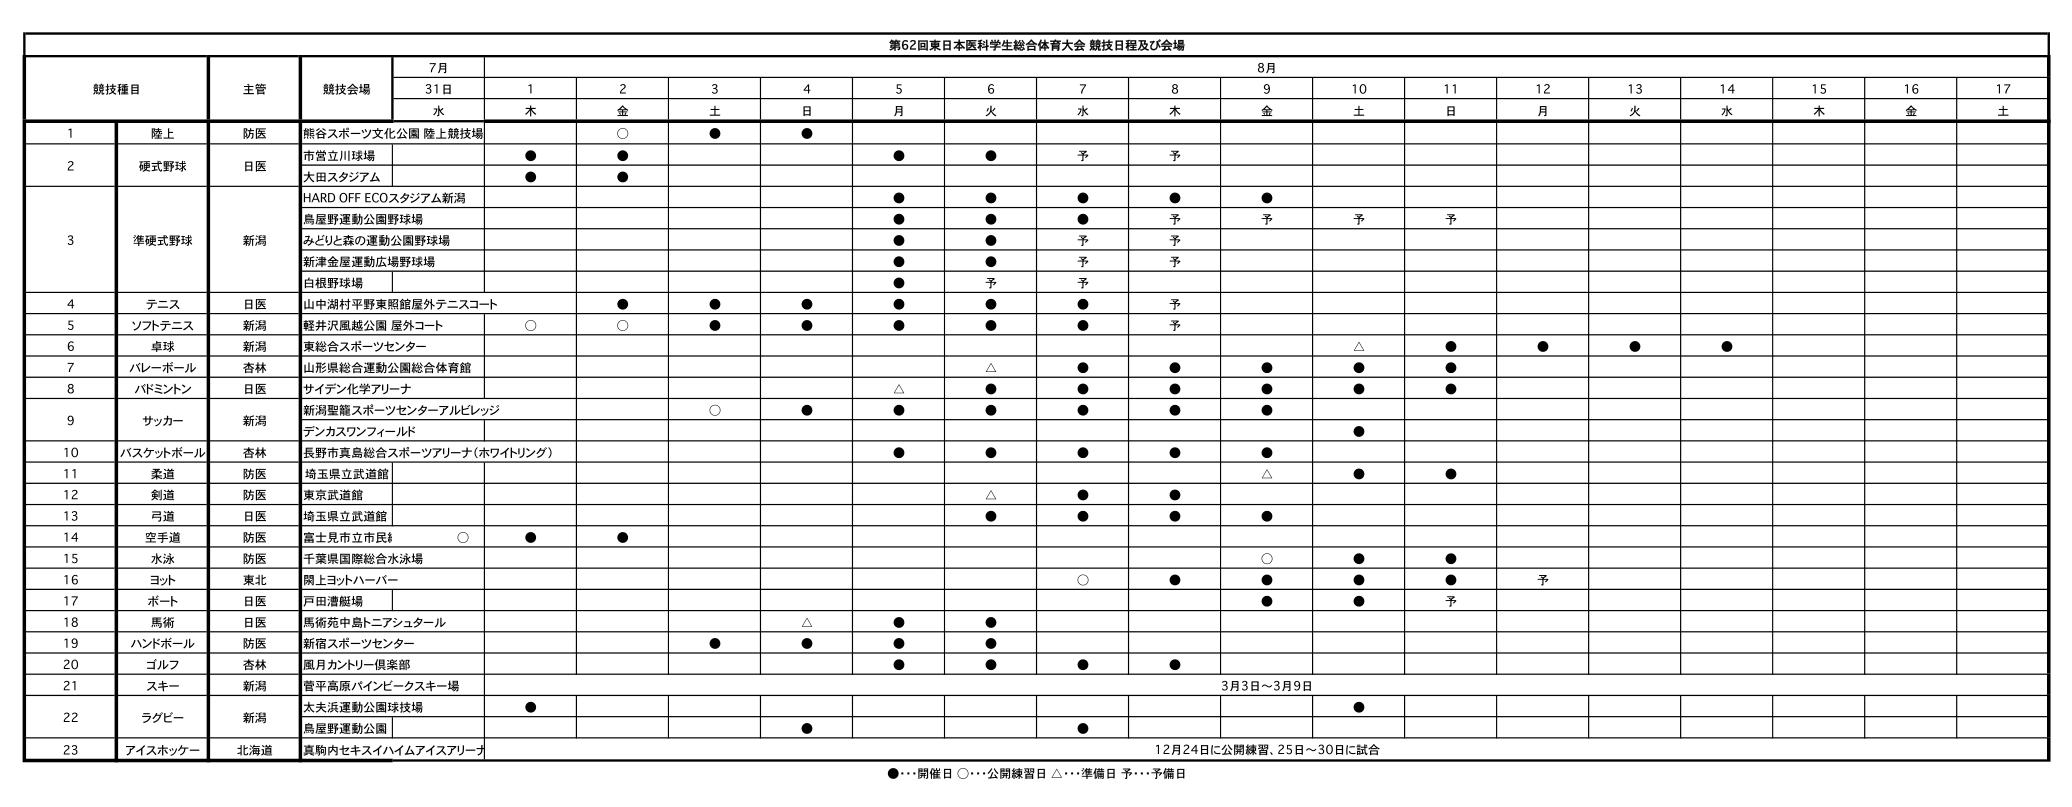 schedule2019summer.PNG